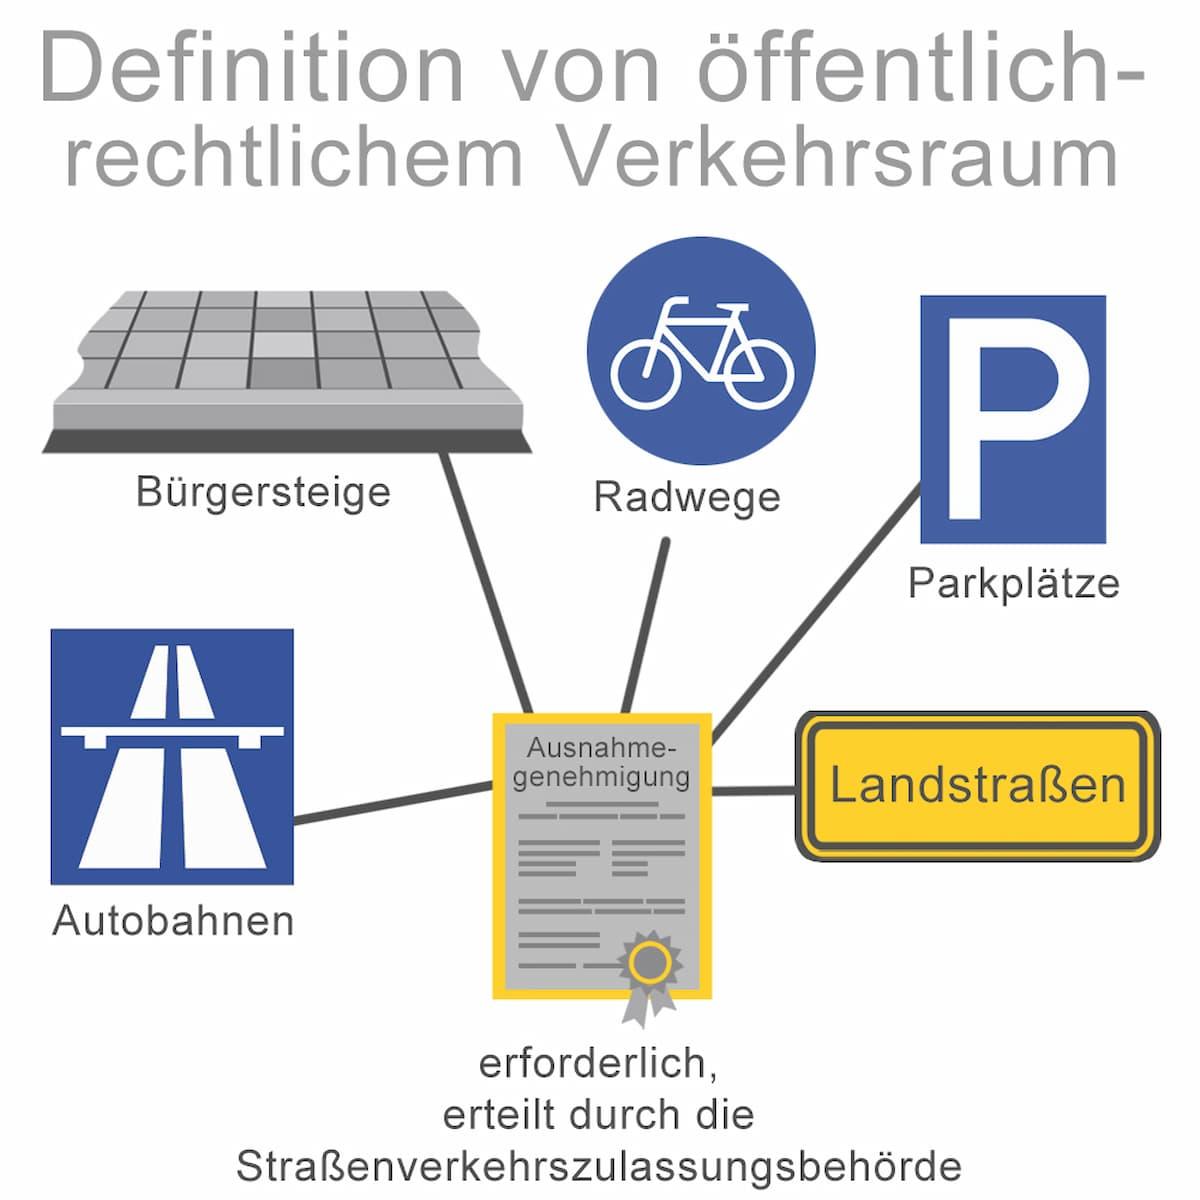 Definition von öffentlich rechtlichem Verkehrsraum